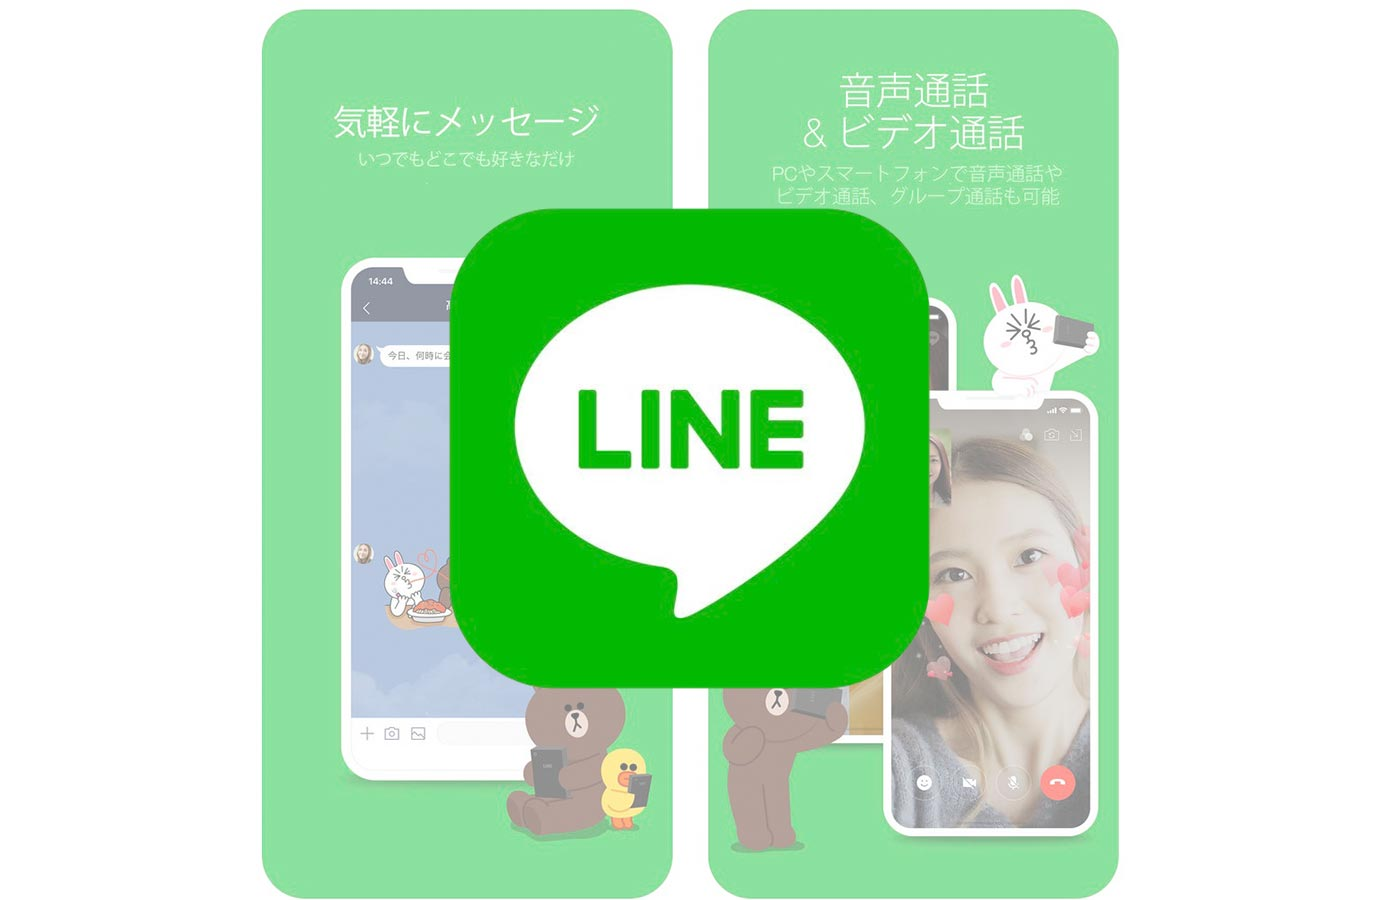 iOSアプリ「LINE」がアップデート、ニュースタブに検索機能が追加されるなど